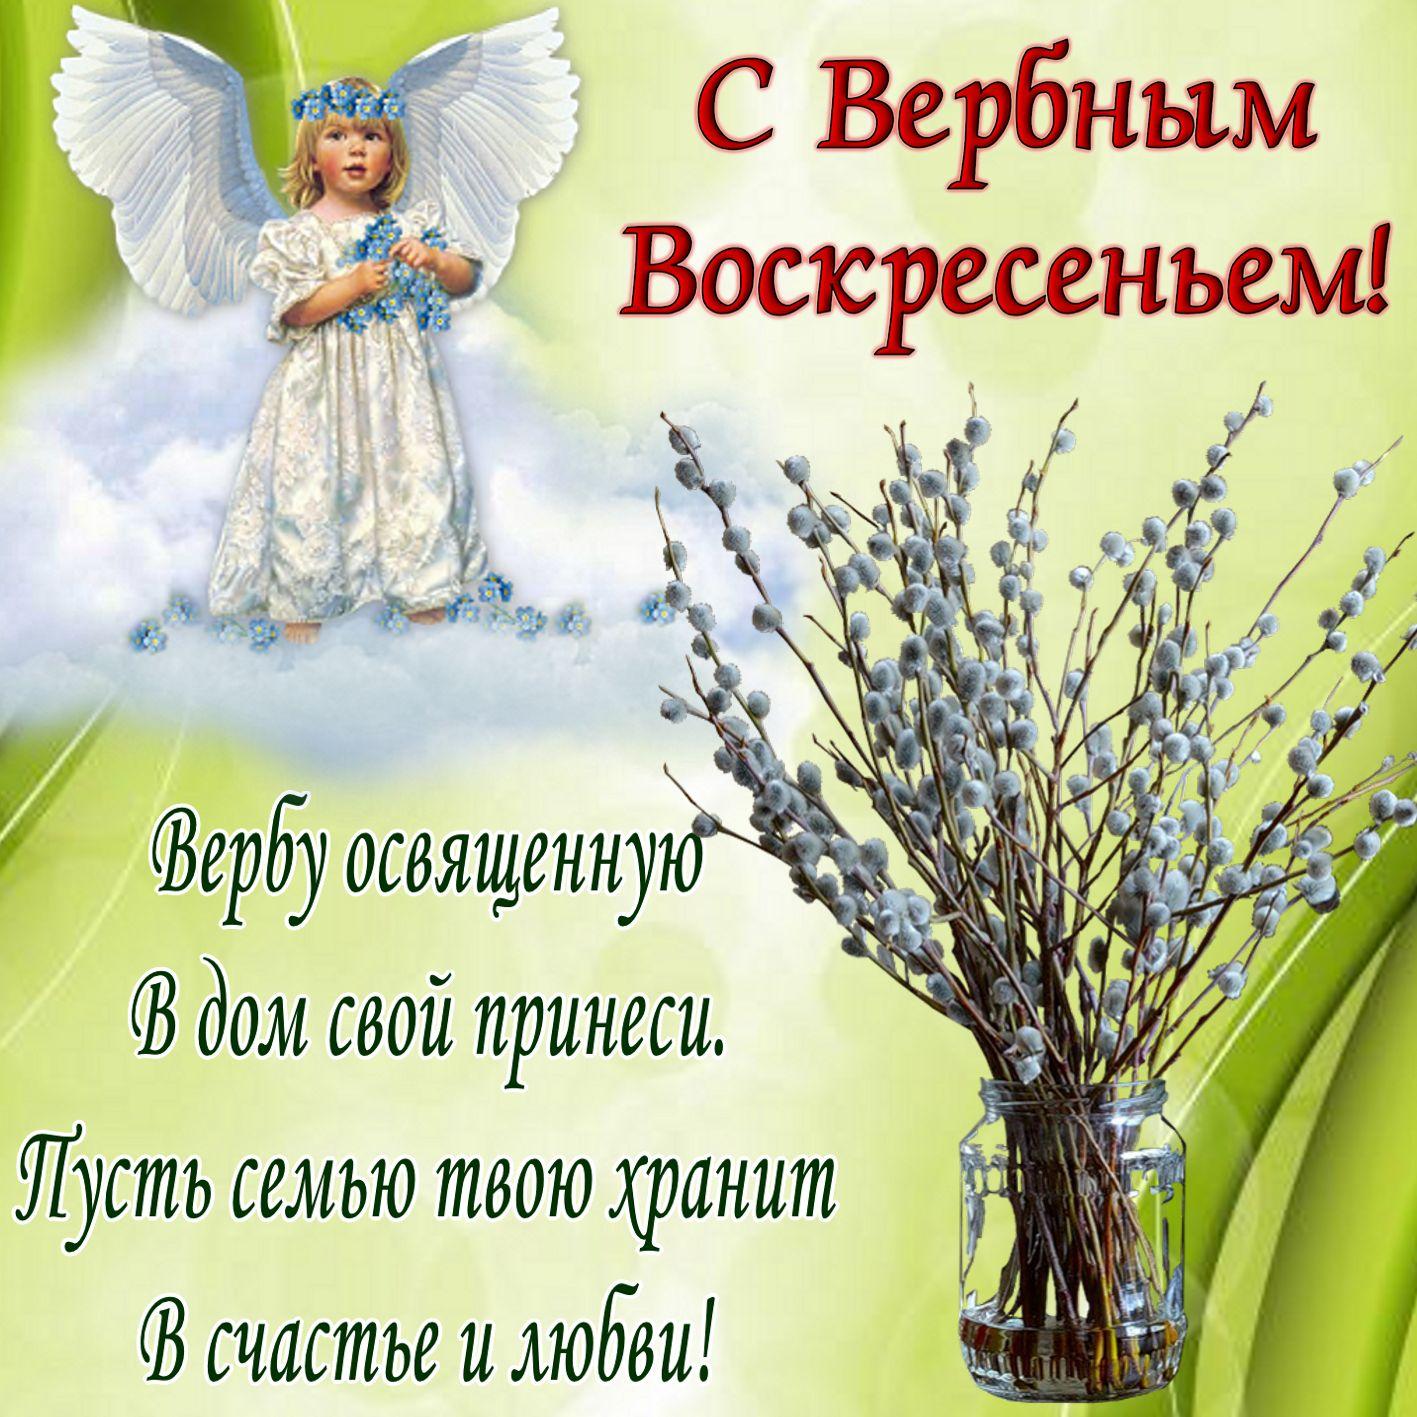 Вербное воскресенье православный праздник , открытка , ангел Вербное воскресенье православный праздник , картинка , открытка с изображение на открытке  ангелочка , весенняя верба , яркая открытка с вербным воскресеньем .